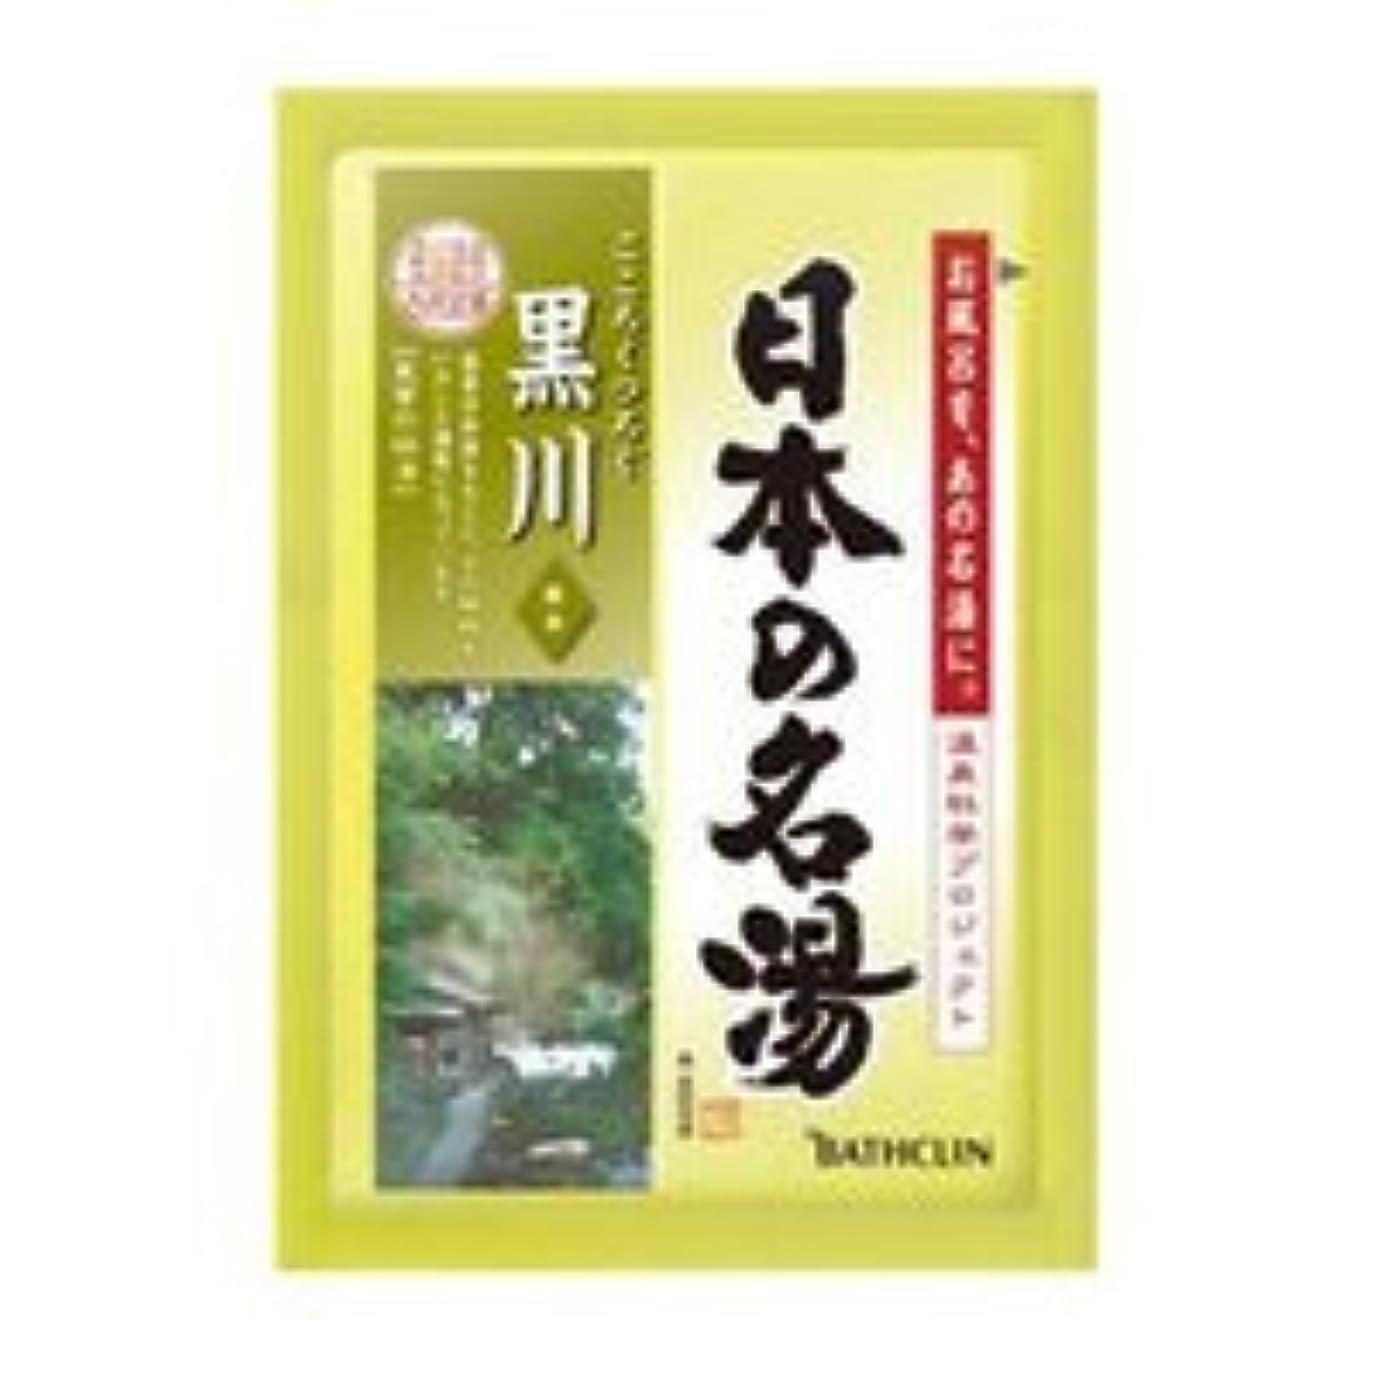 不信無秩序舌バスクリン 日本の名湯 黒川 1包 30g (温泉タイプ入浴剤)×120点セット (4548514135093)